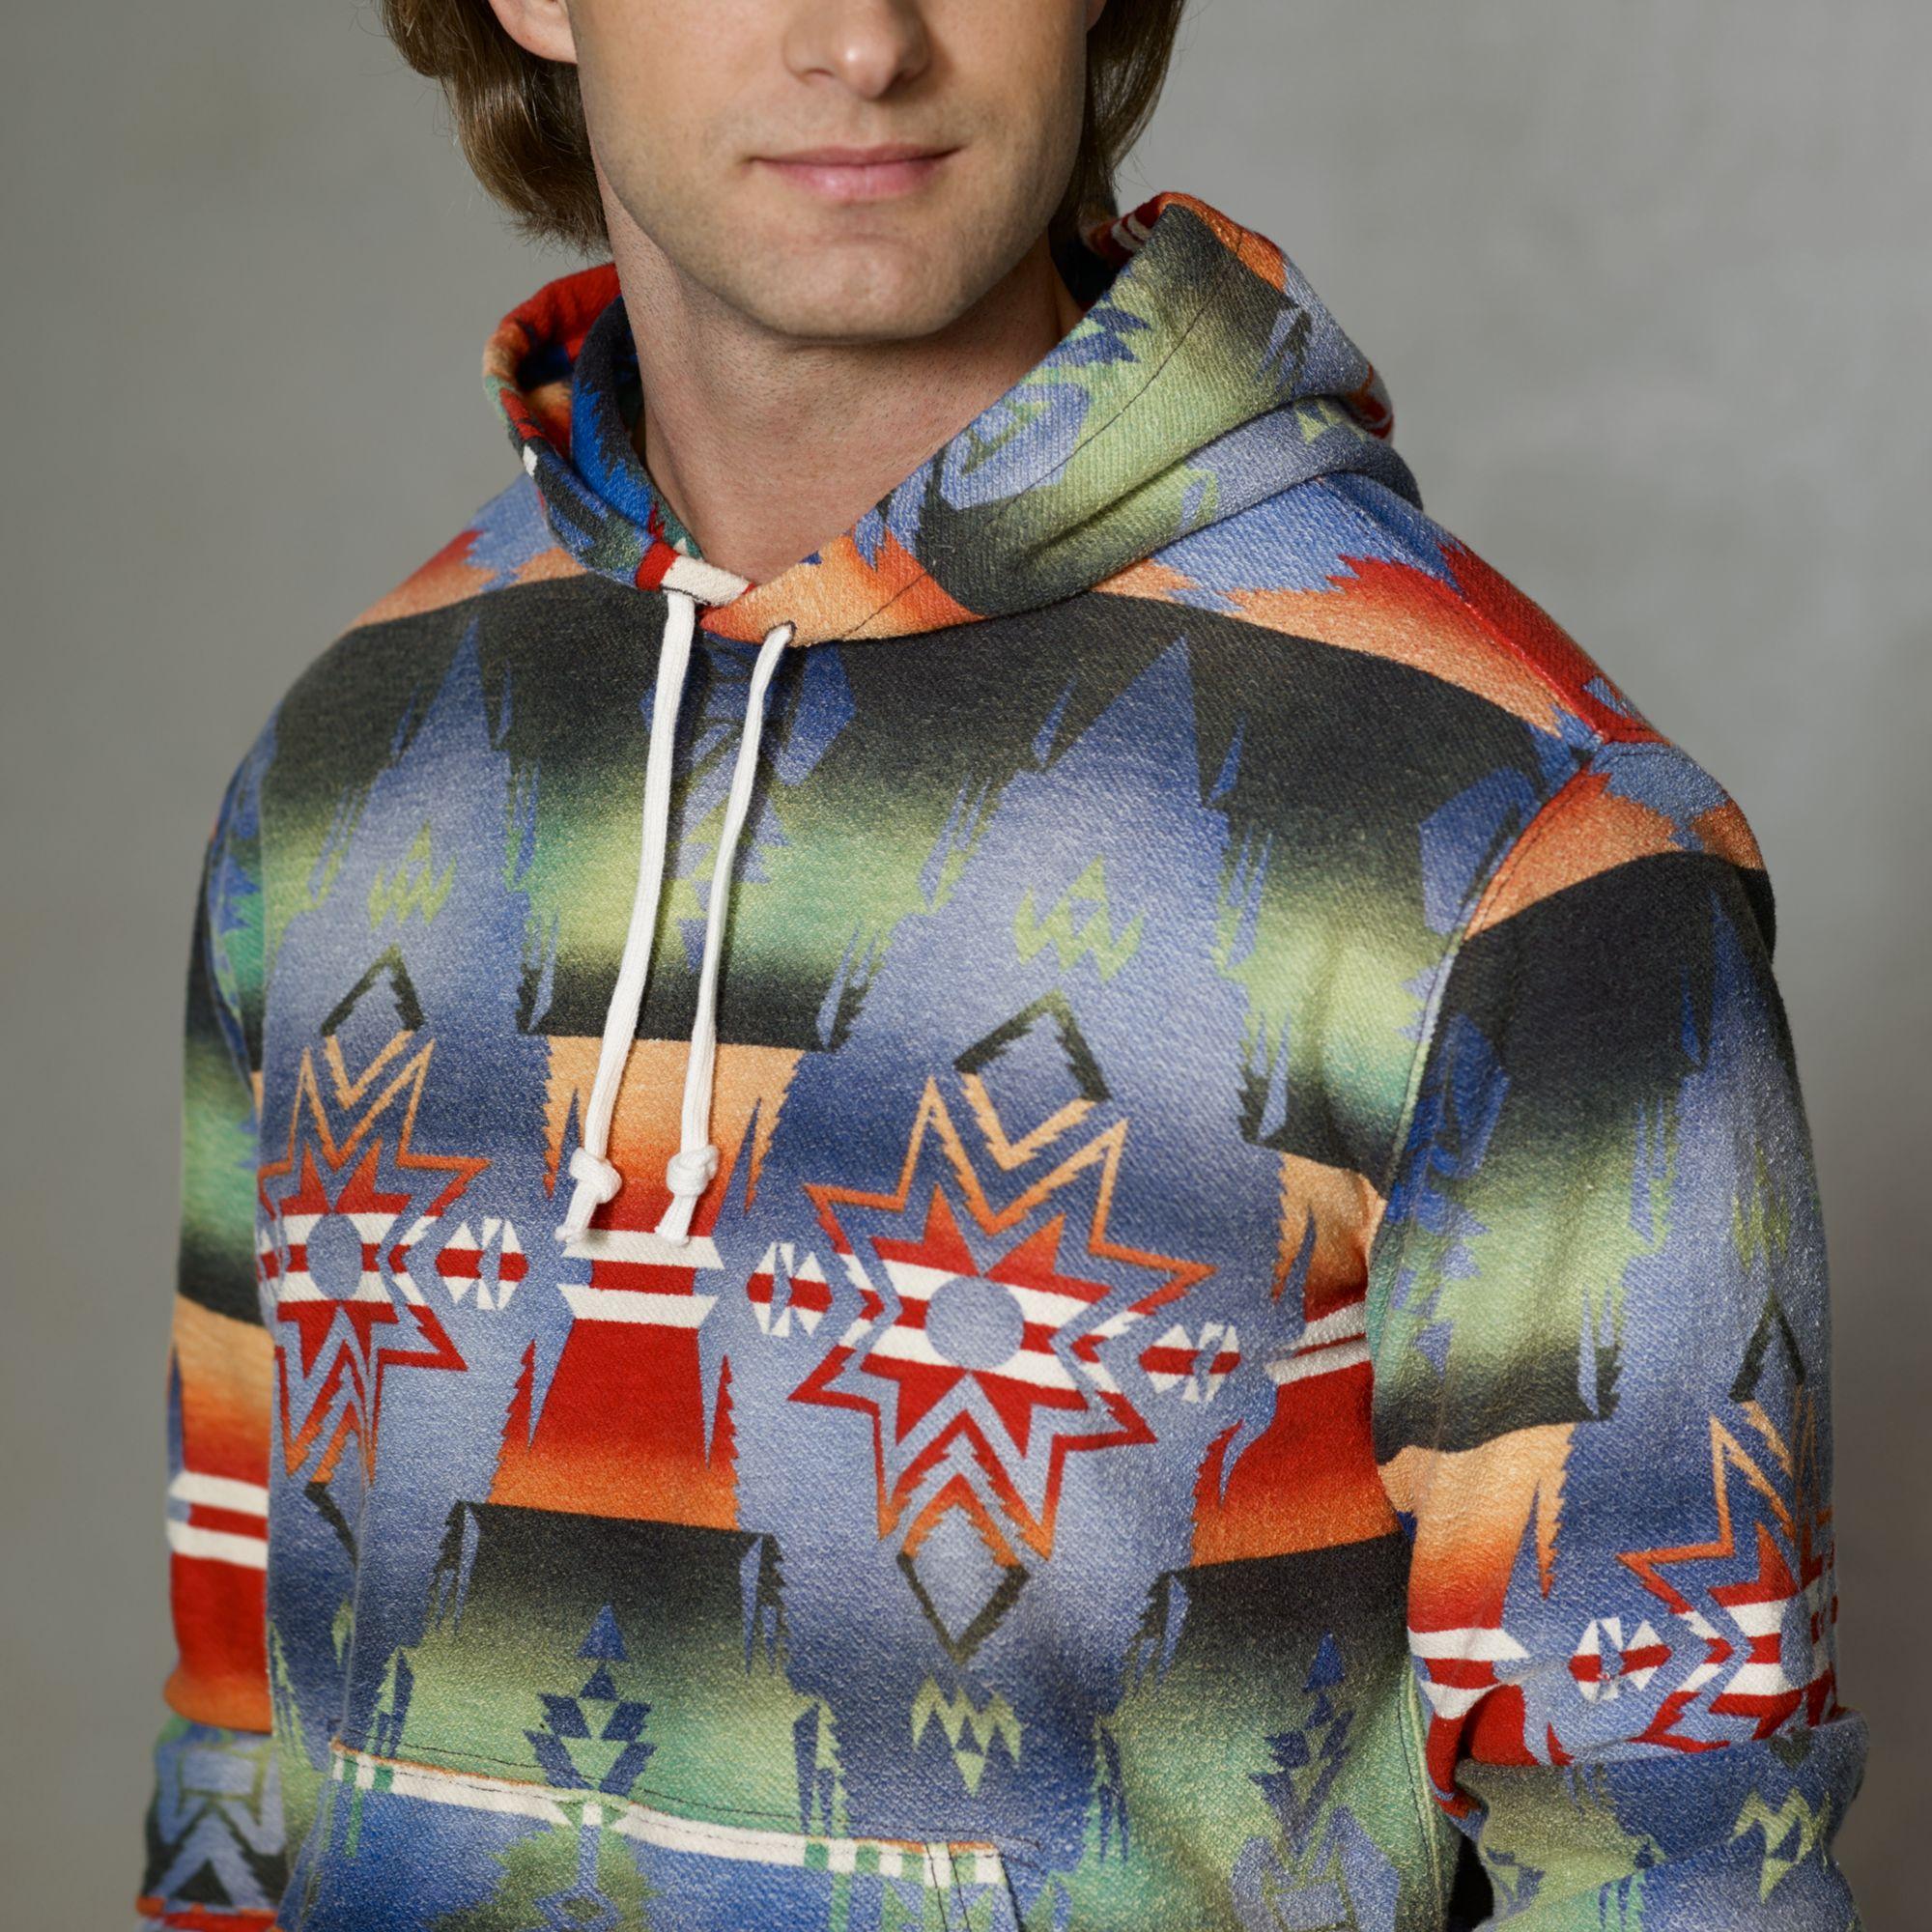 Polo Ralph Lauren Spring 2014 Fleece Sweaters